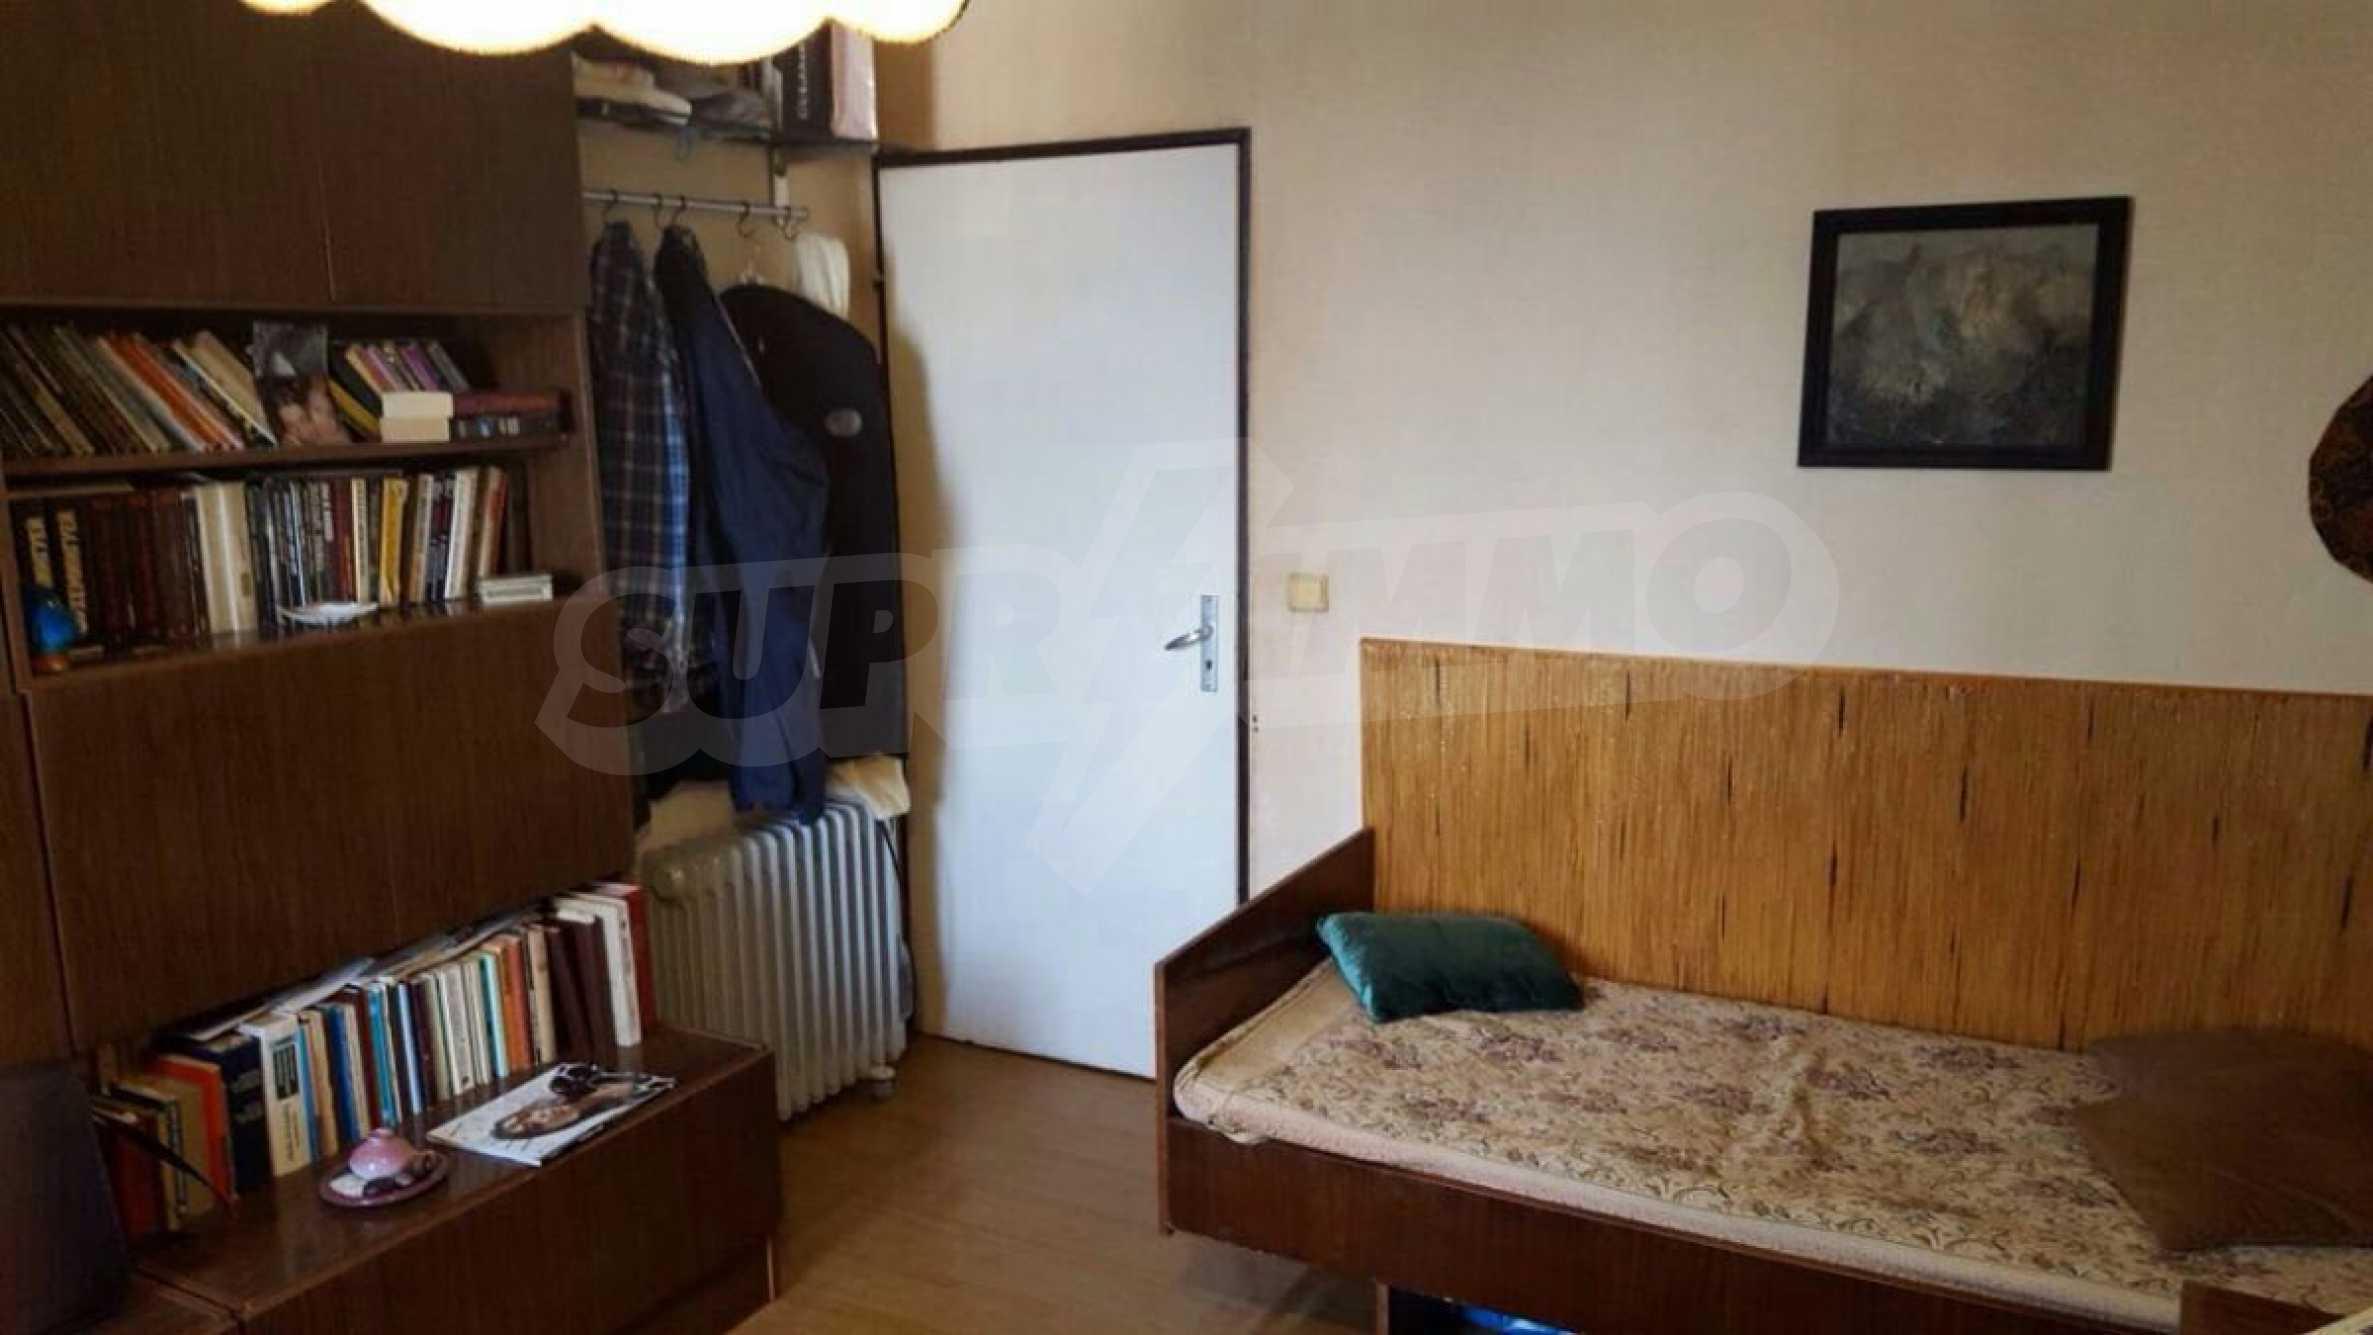 Двустаен апартамент с разширение в близост до центъра на град Видин 7